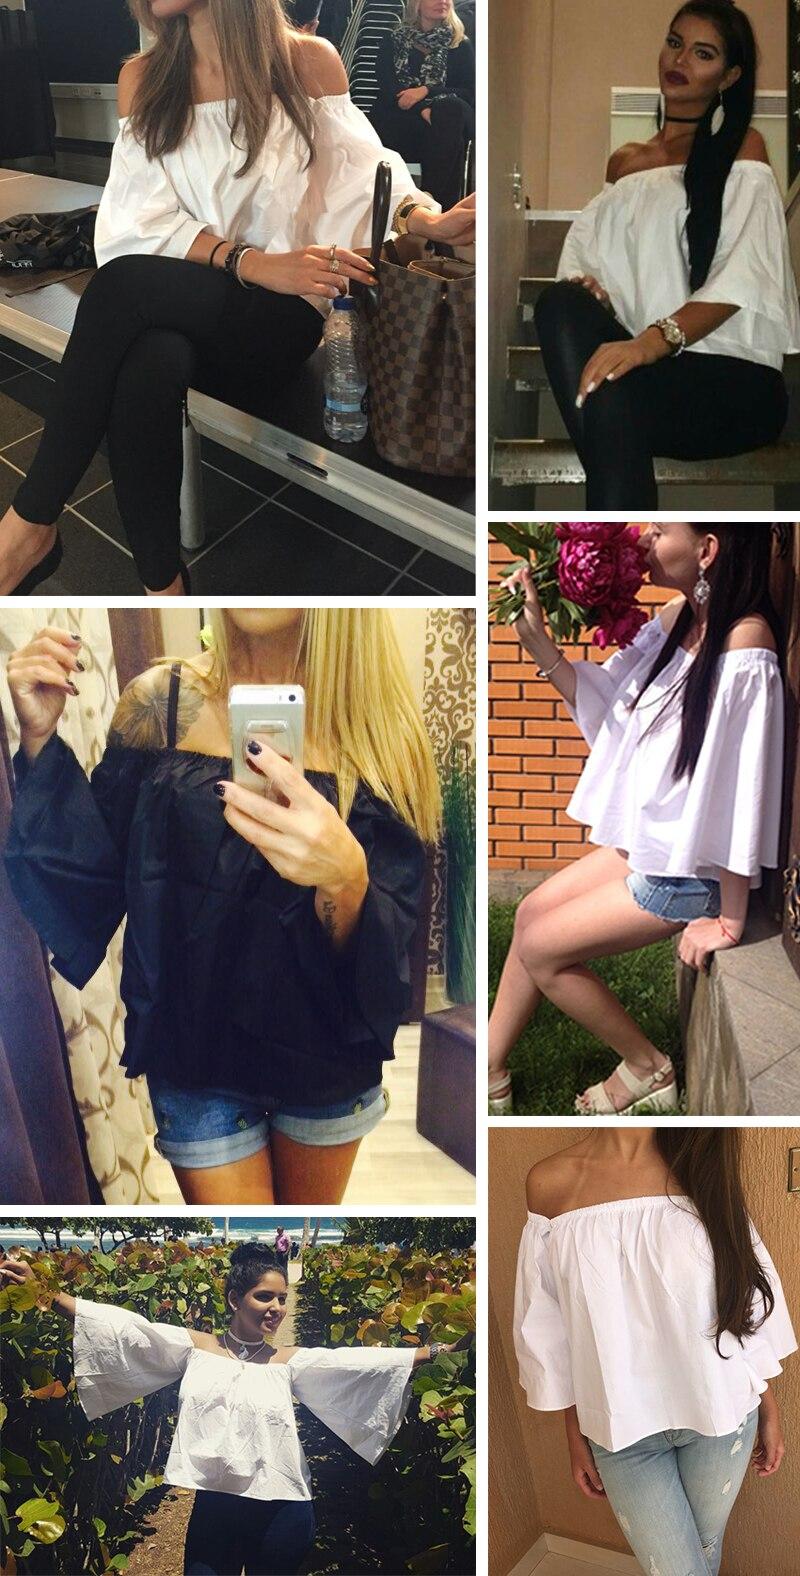 HTB1TpNINVXXXXXNapXXq6xXFXXXy - Sexy off shoulder white blouse women Ruffle PTC 95